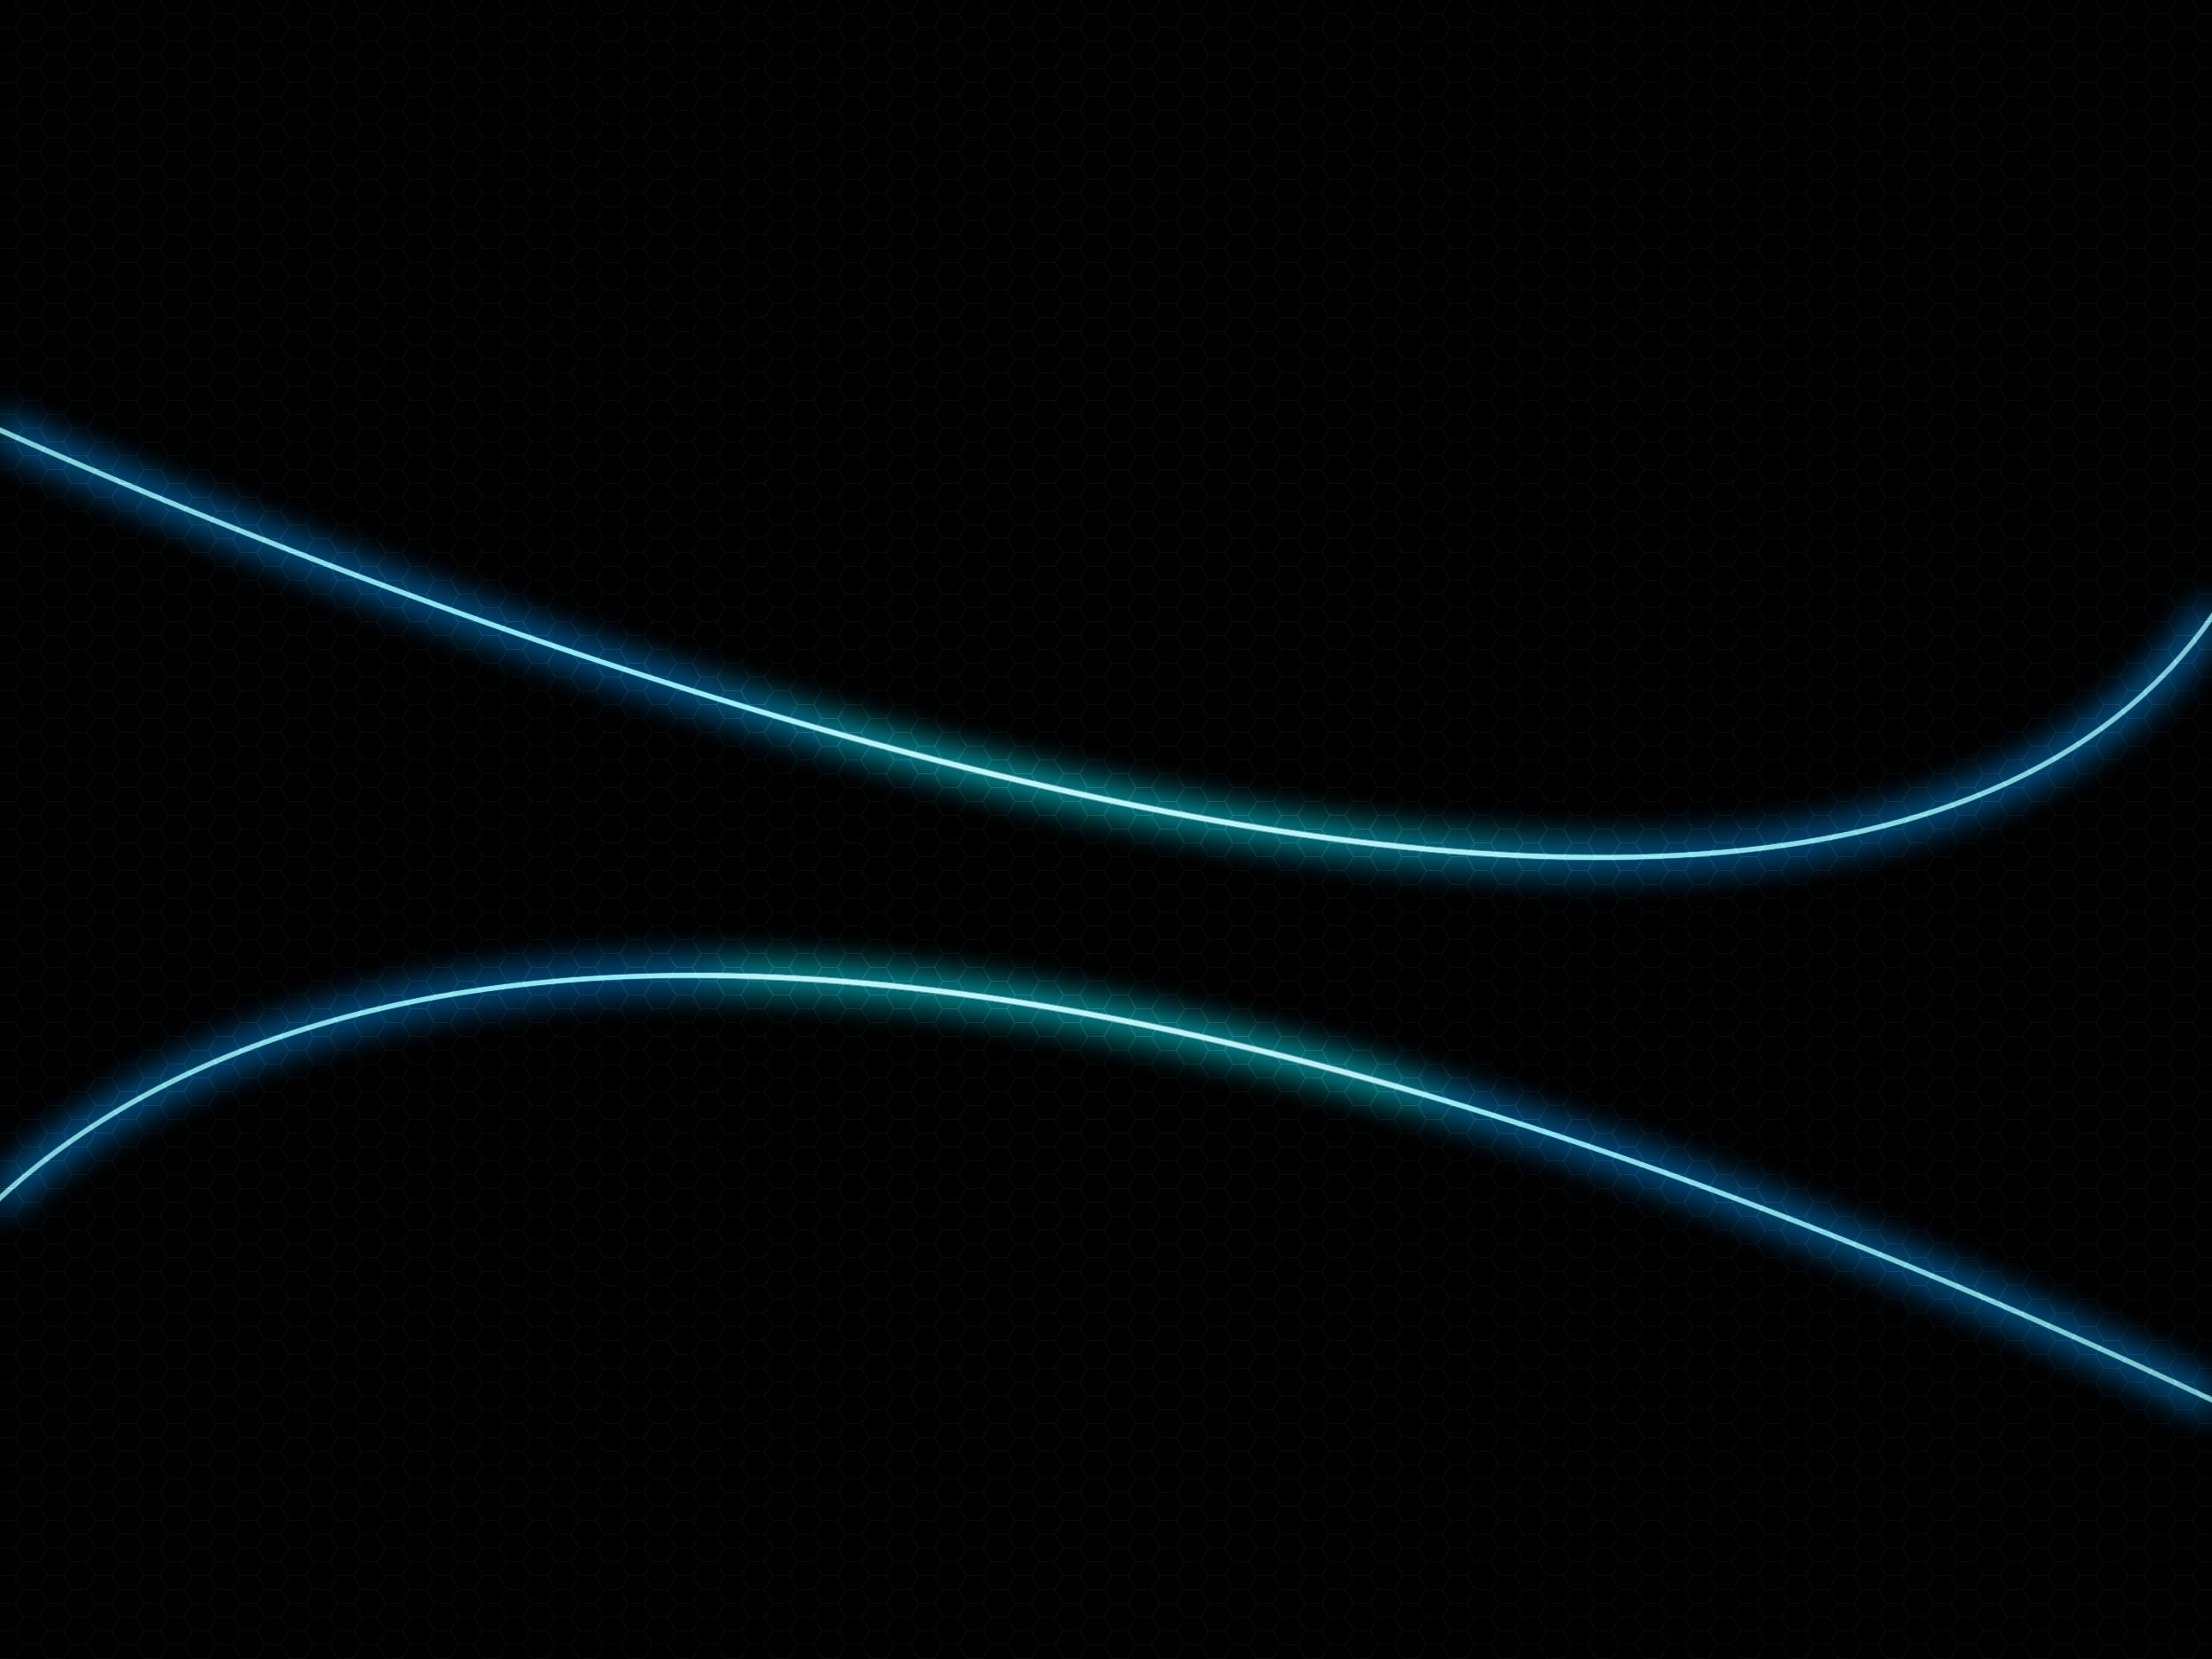 Neon Blue Wallpapers - WallpaperSafari